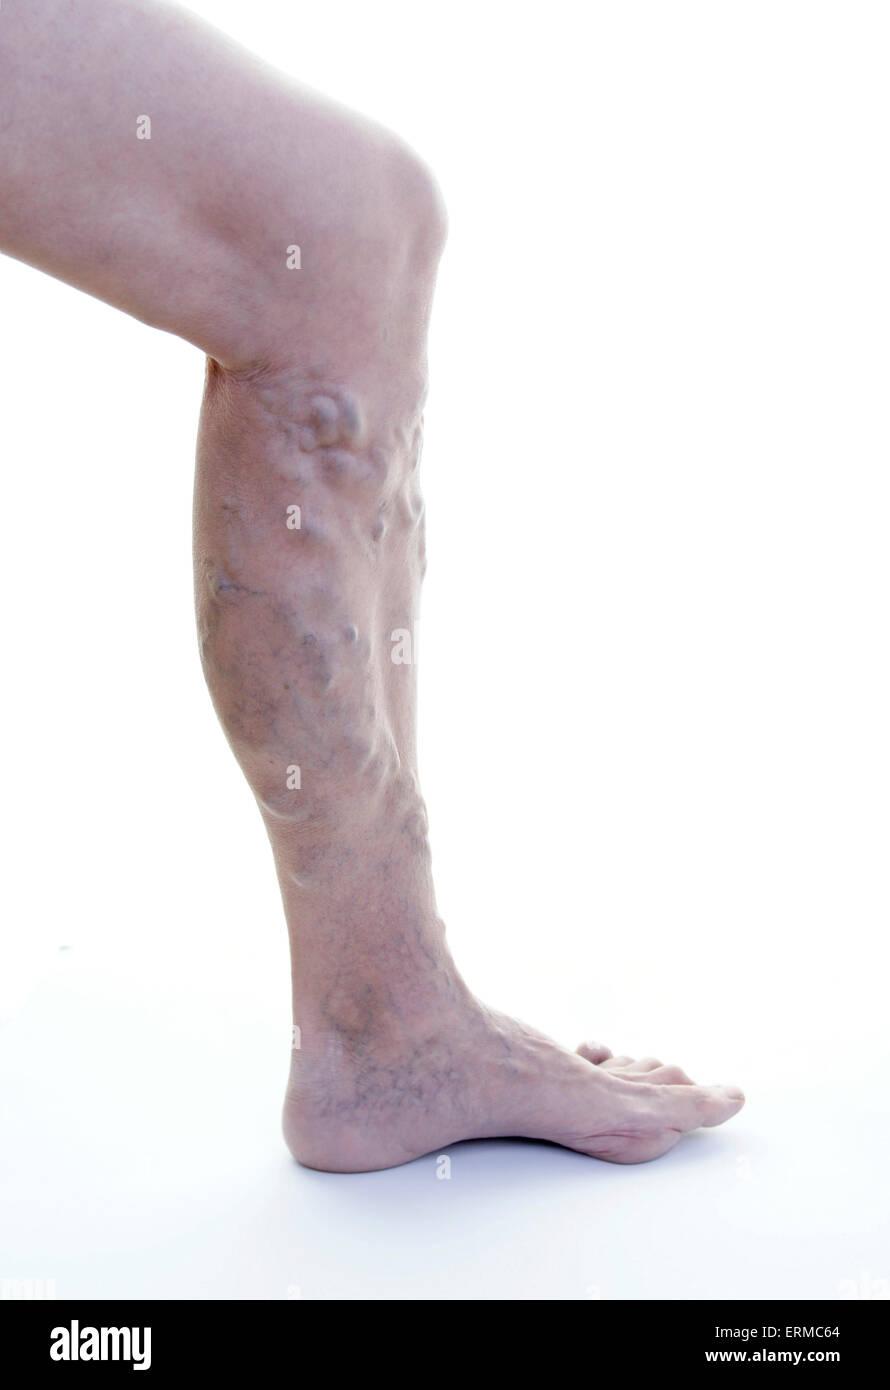 Varicose veins leg (female, age 68 years) / Krampfadern Varizen am Bein (Frau, Alter 68 Jahre) - Stock Image